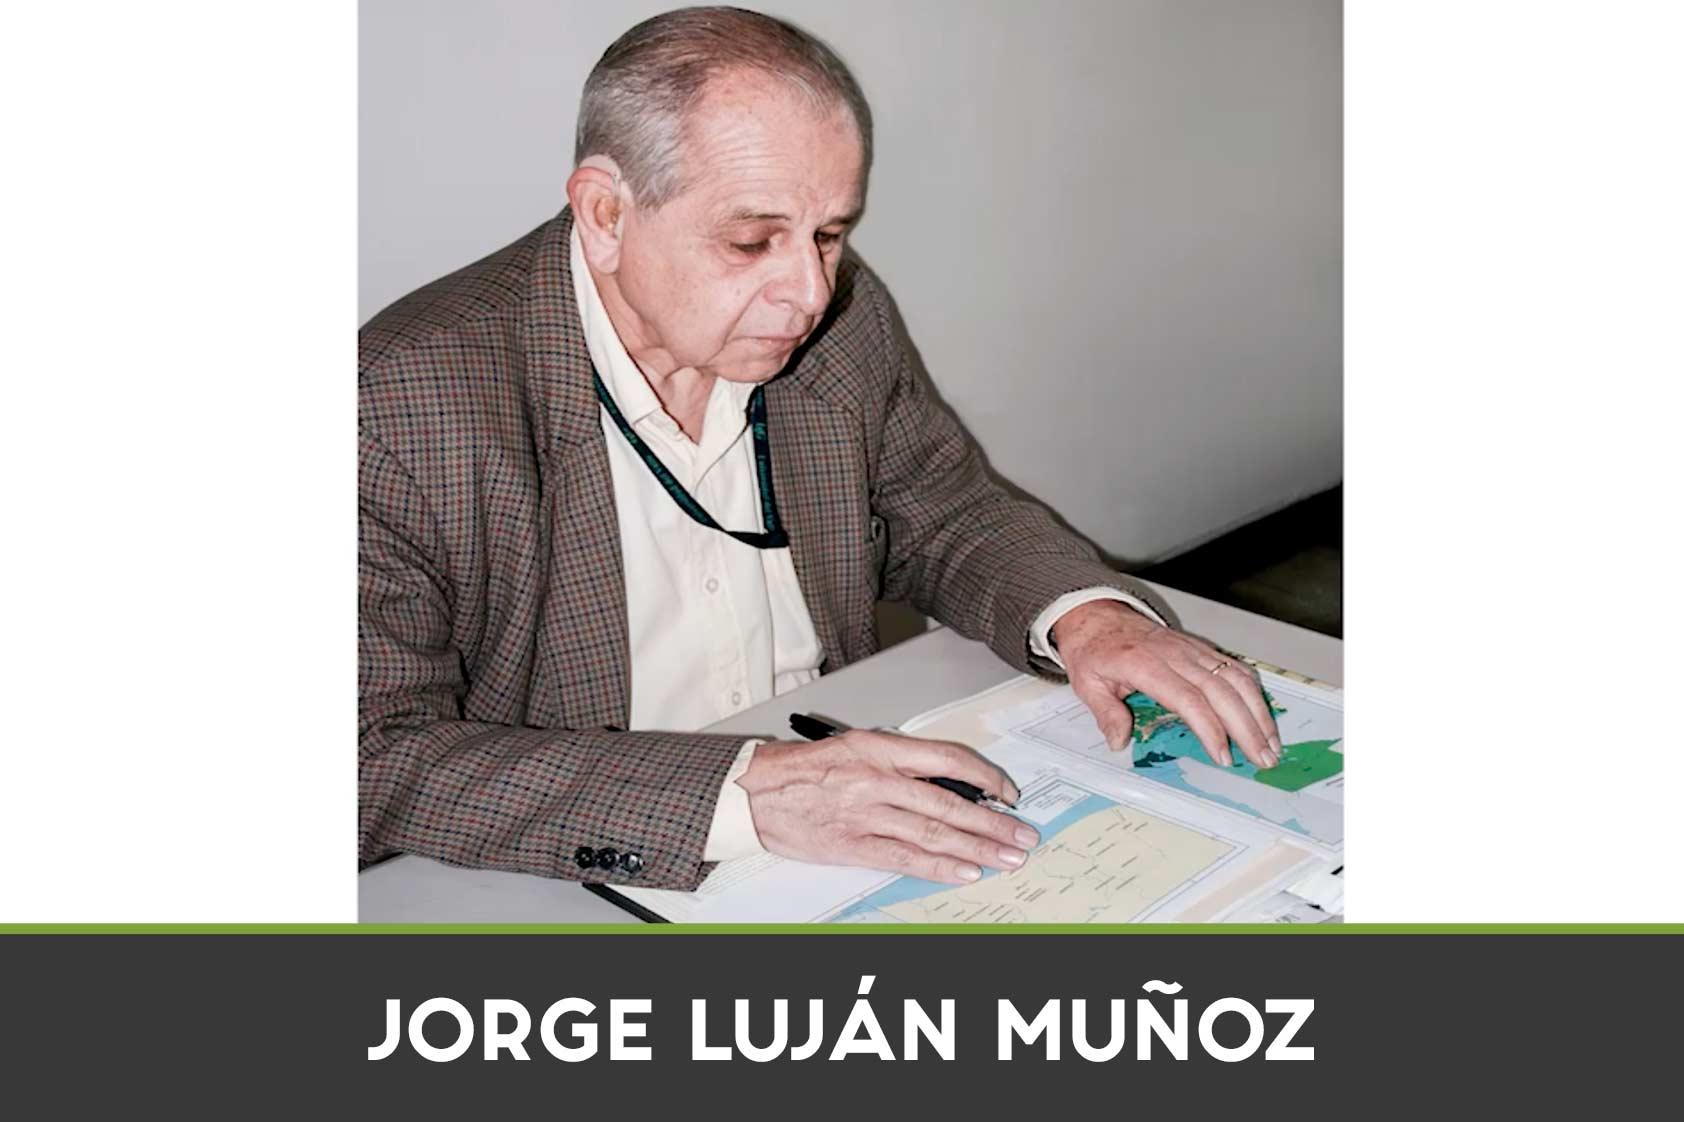 Jorge Luján, el historiador cuyo legado hizo historia en Guatemala